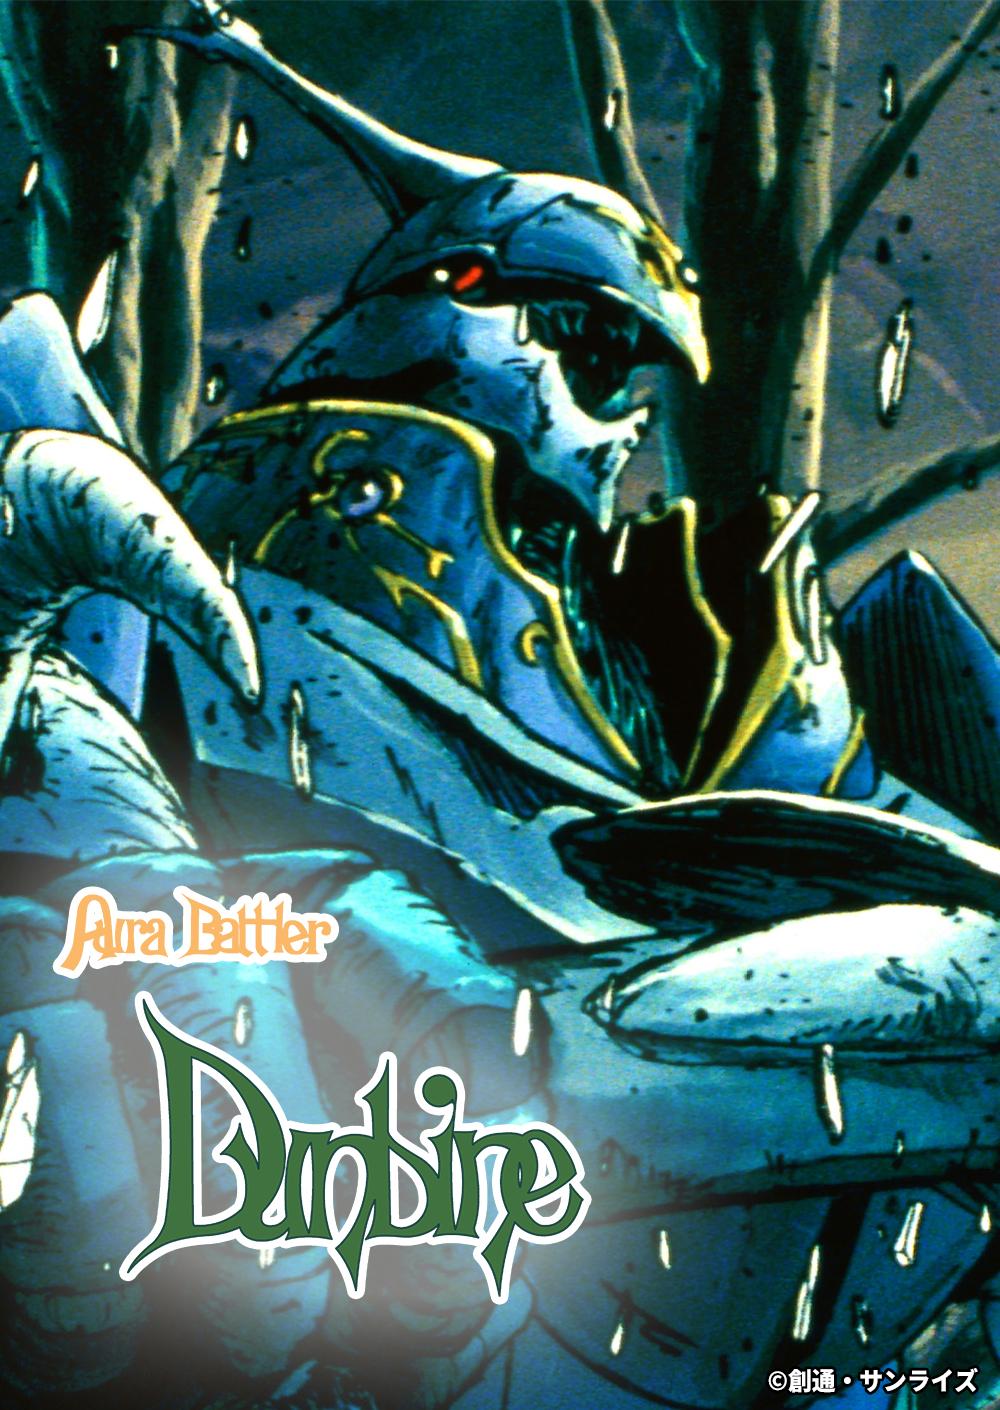 『聖戦士ダンバイン New Story of Aura Battler DUNBINE』(OVA発売 '88.2~8 / 全3話) / (c) 創通・サンライズ